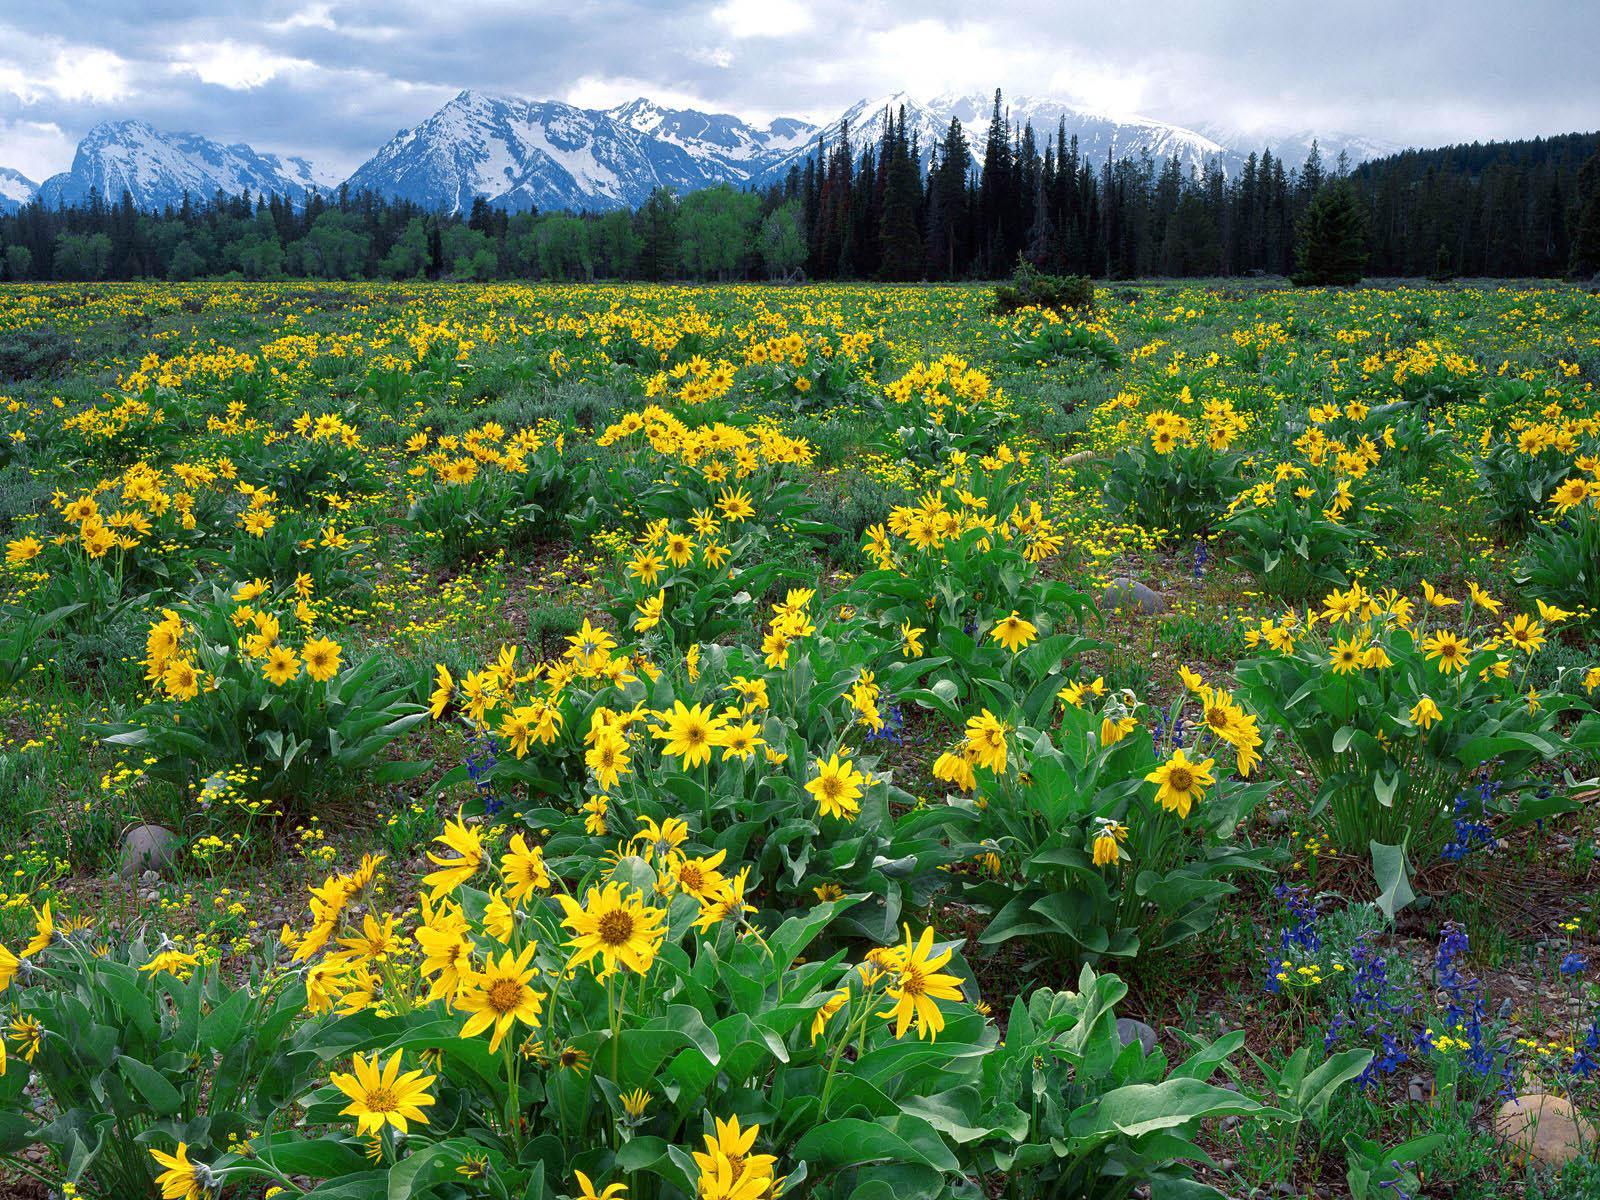 картинка следующая картинка поле ...: pictar.ru/img-pole-s-jeltymi-cvetami-32917.htm